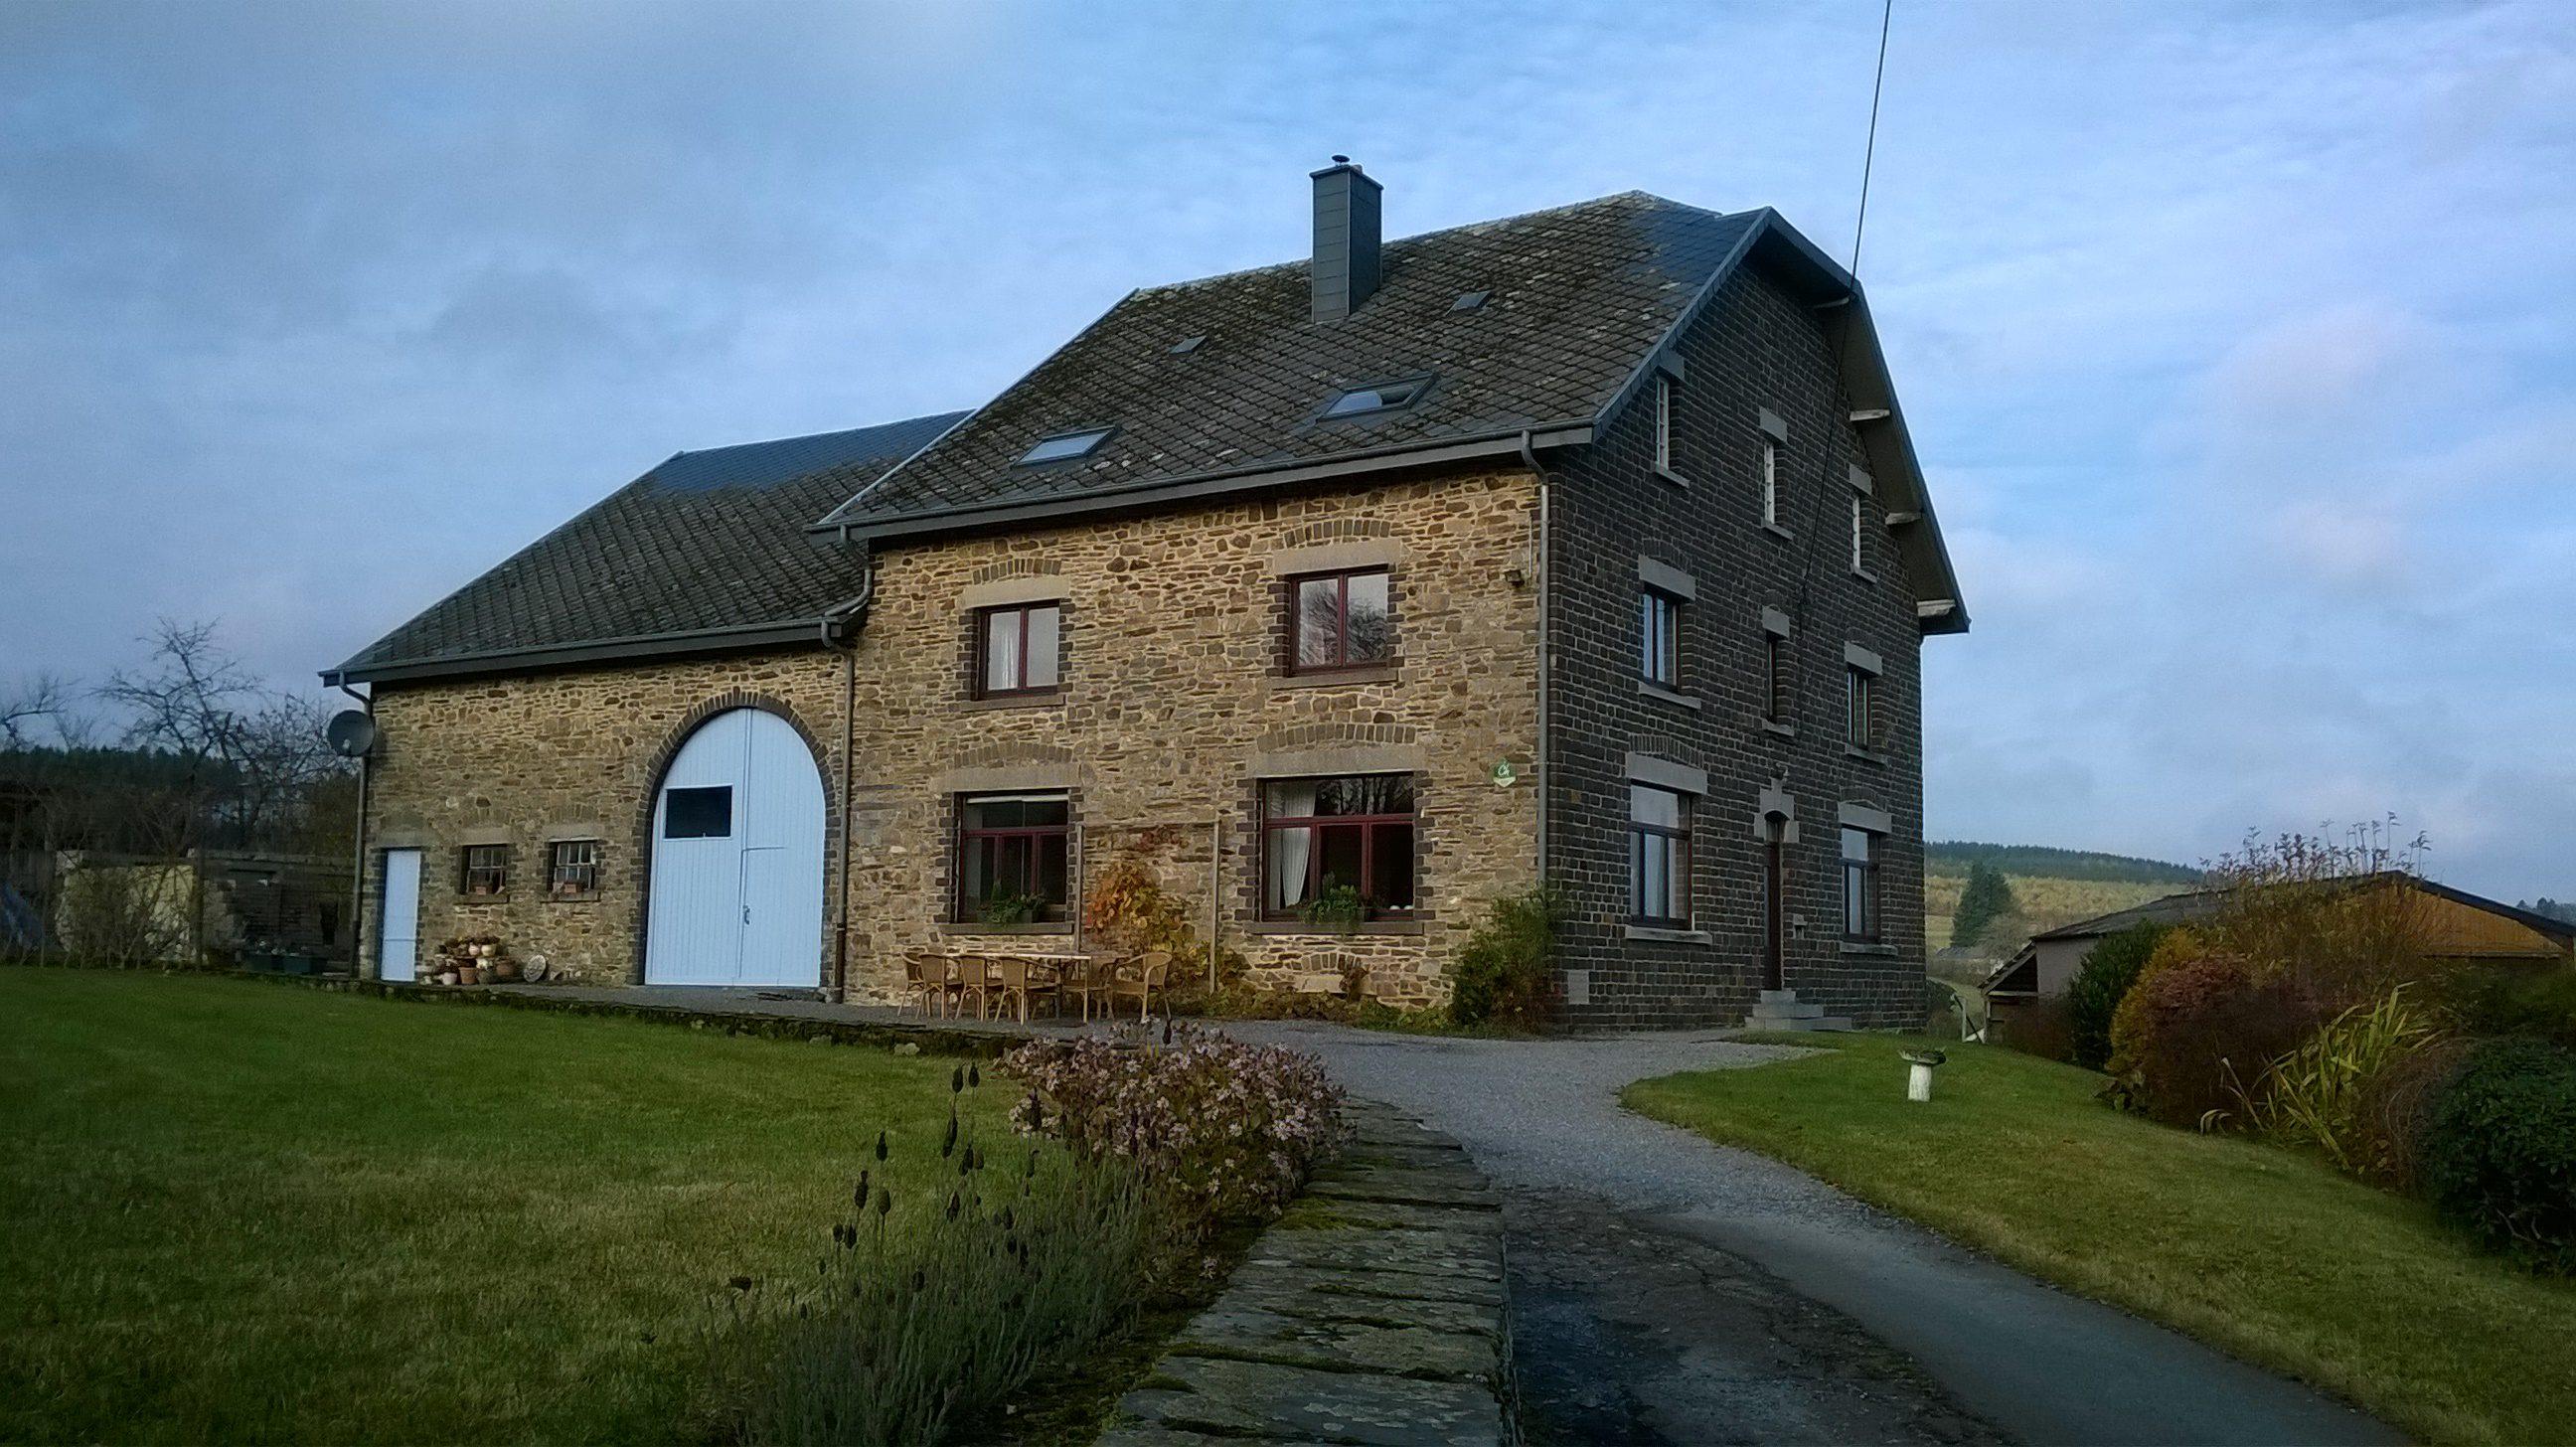 VERKOCHT: Bed and Breakfast in de Belgische Ardennen, Grandmenil, in provincie Luxemburg (België) Te Koop